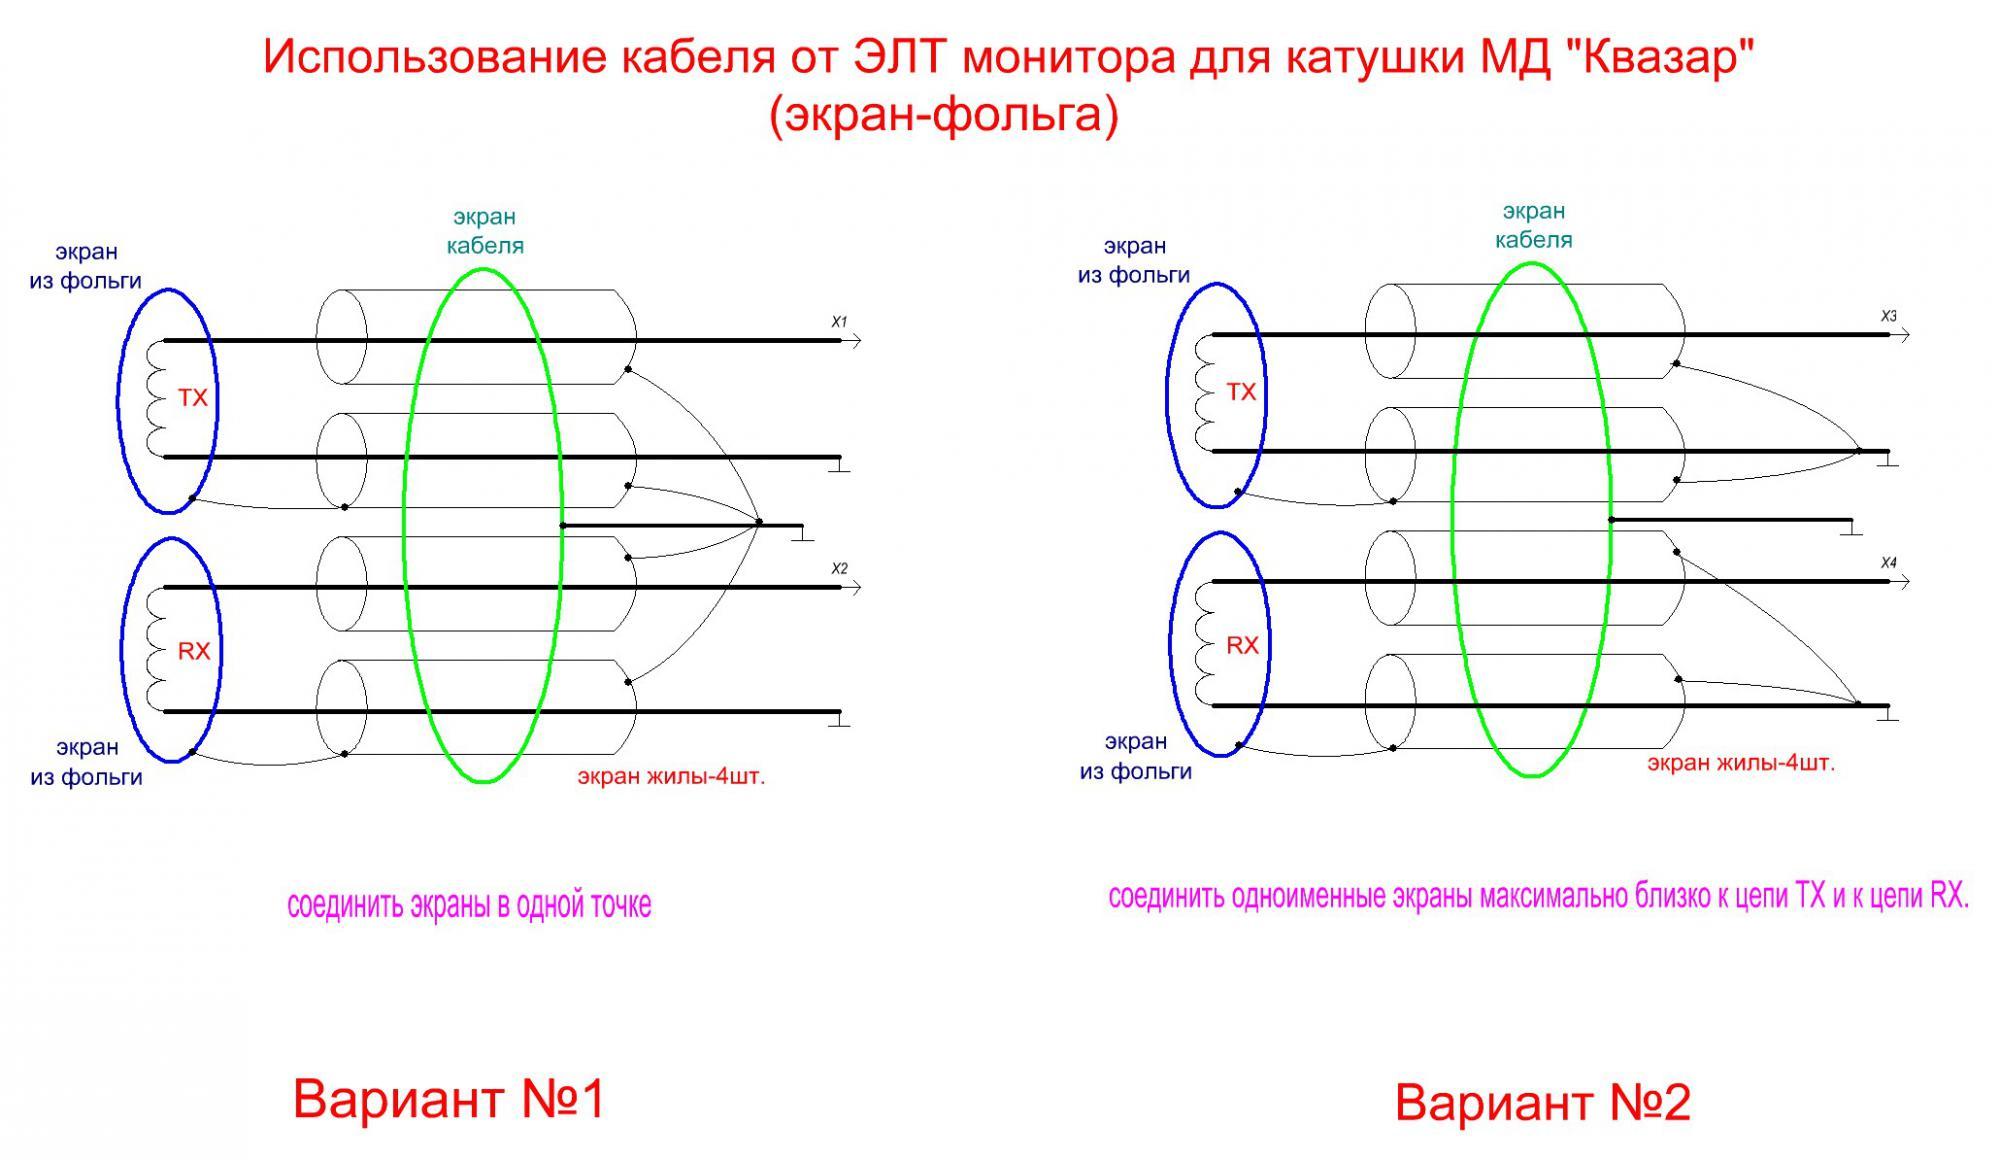 Публикации фобос - страница 3 - форум по радиоэлектронике.